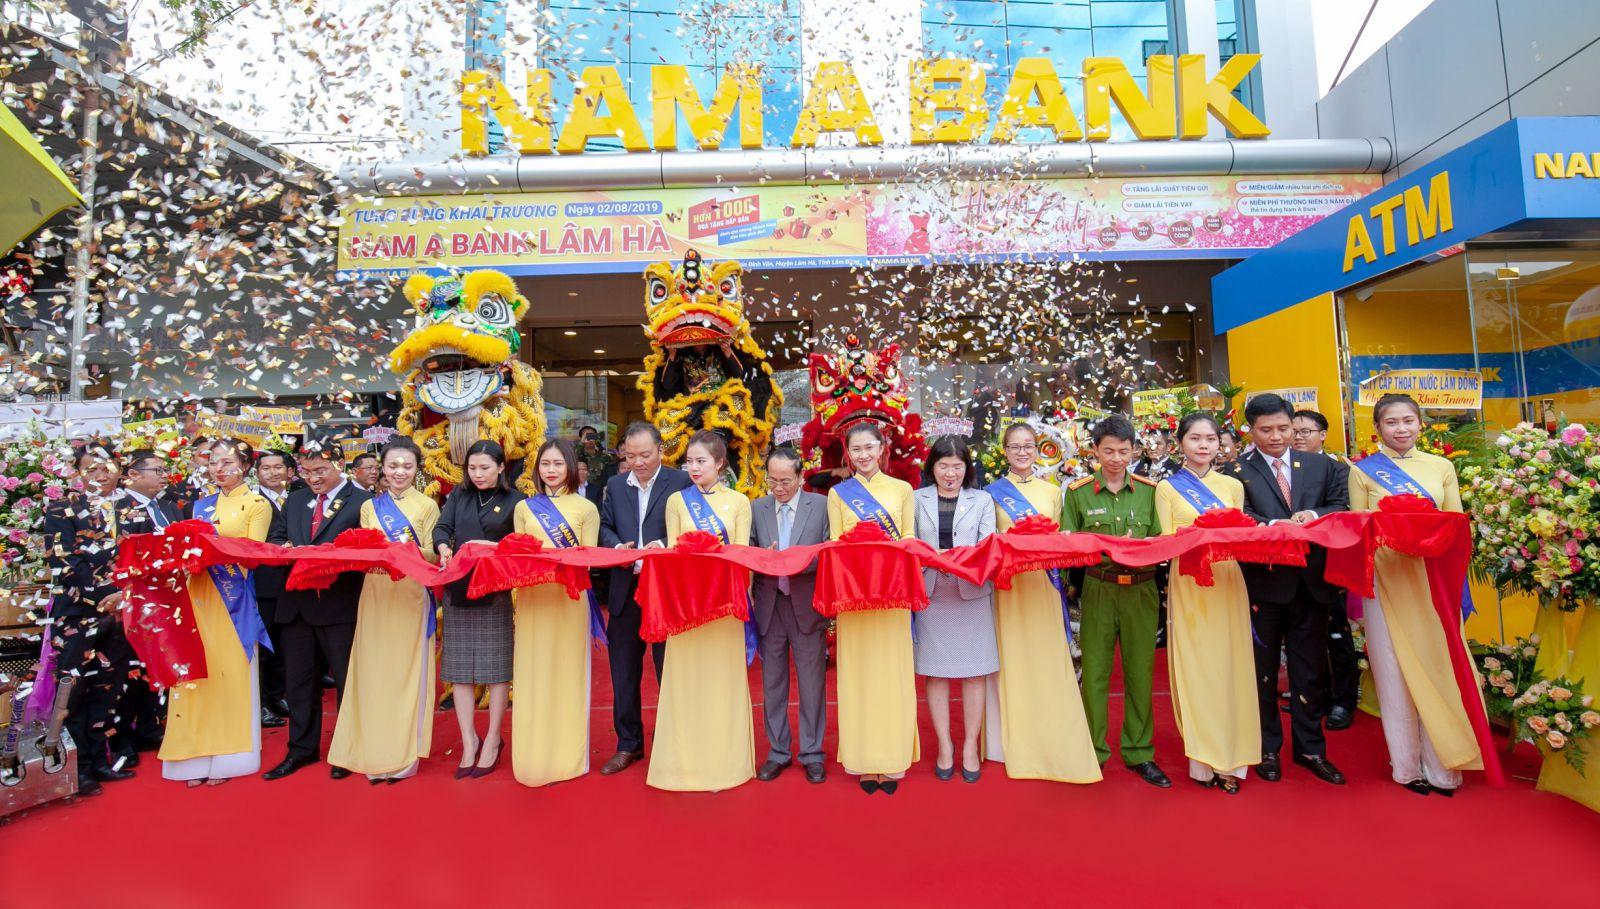 Nam A Bank Lâm Hà chính thức đưa vào hoạt động sẽ là điểm giao dịch uy tín của khách hàng tại địa phương.